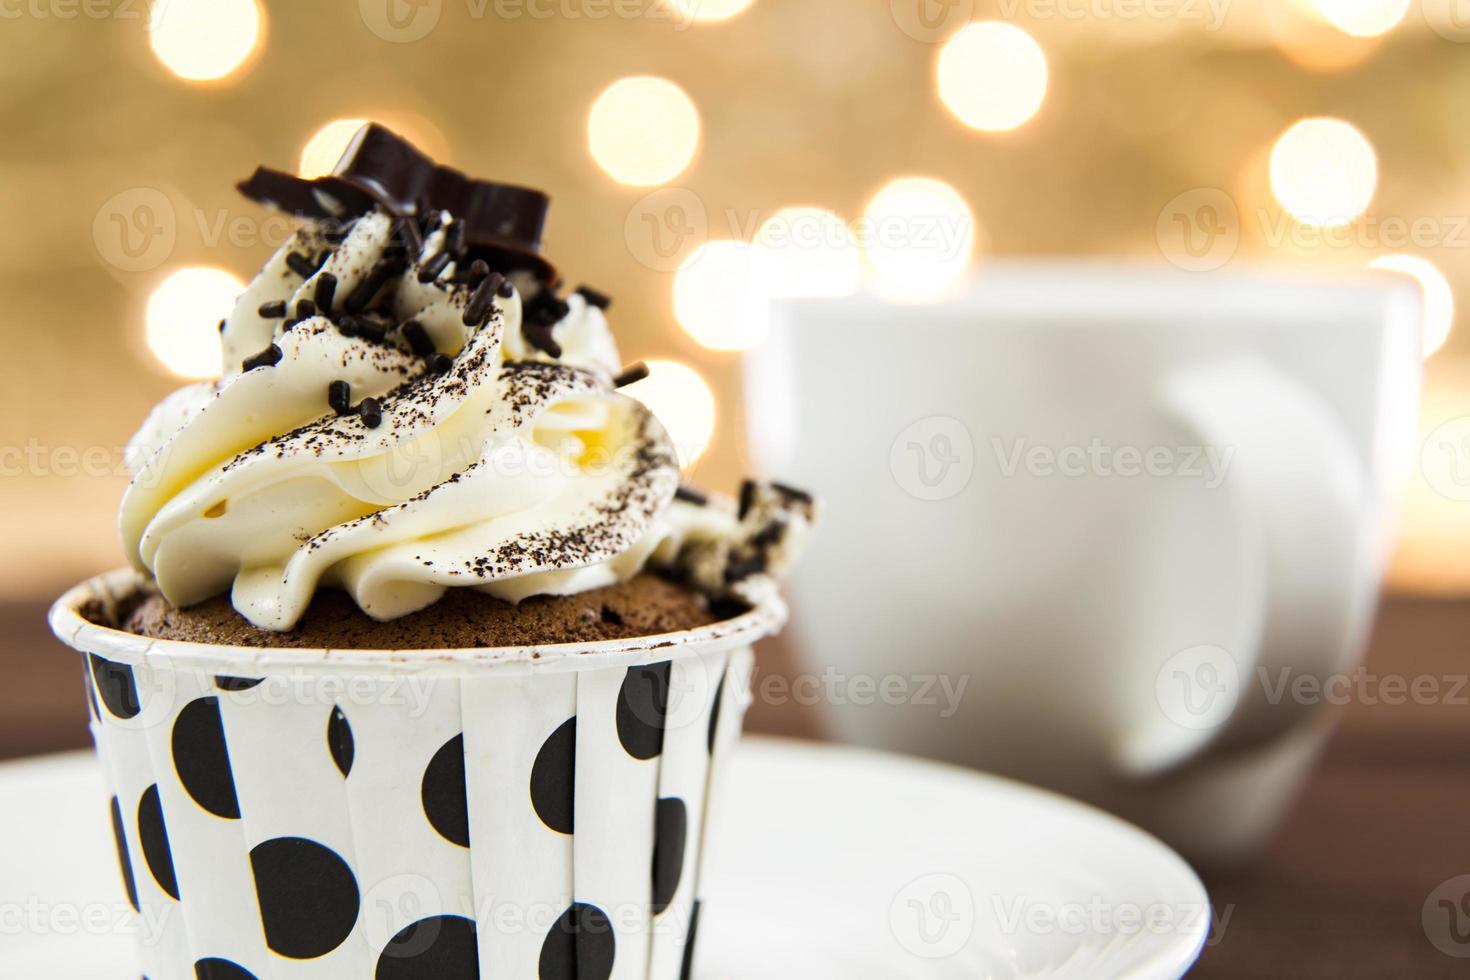 délicieux petit gâteau sur fond de lumières photo